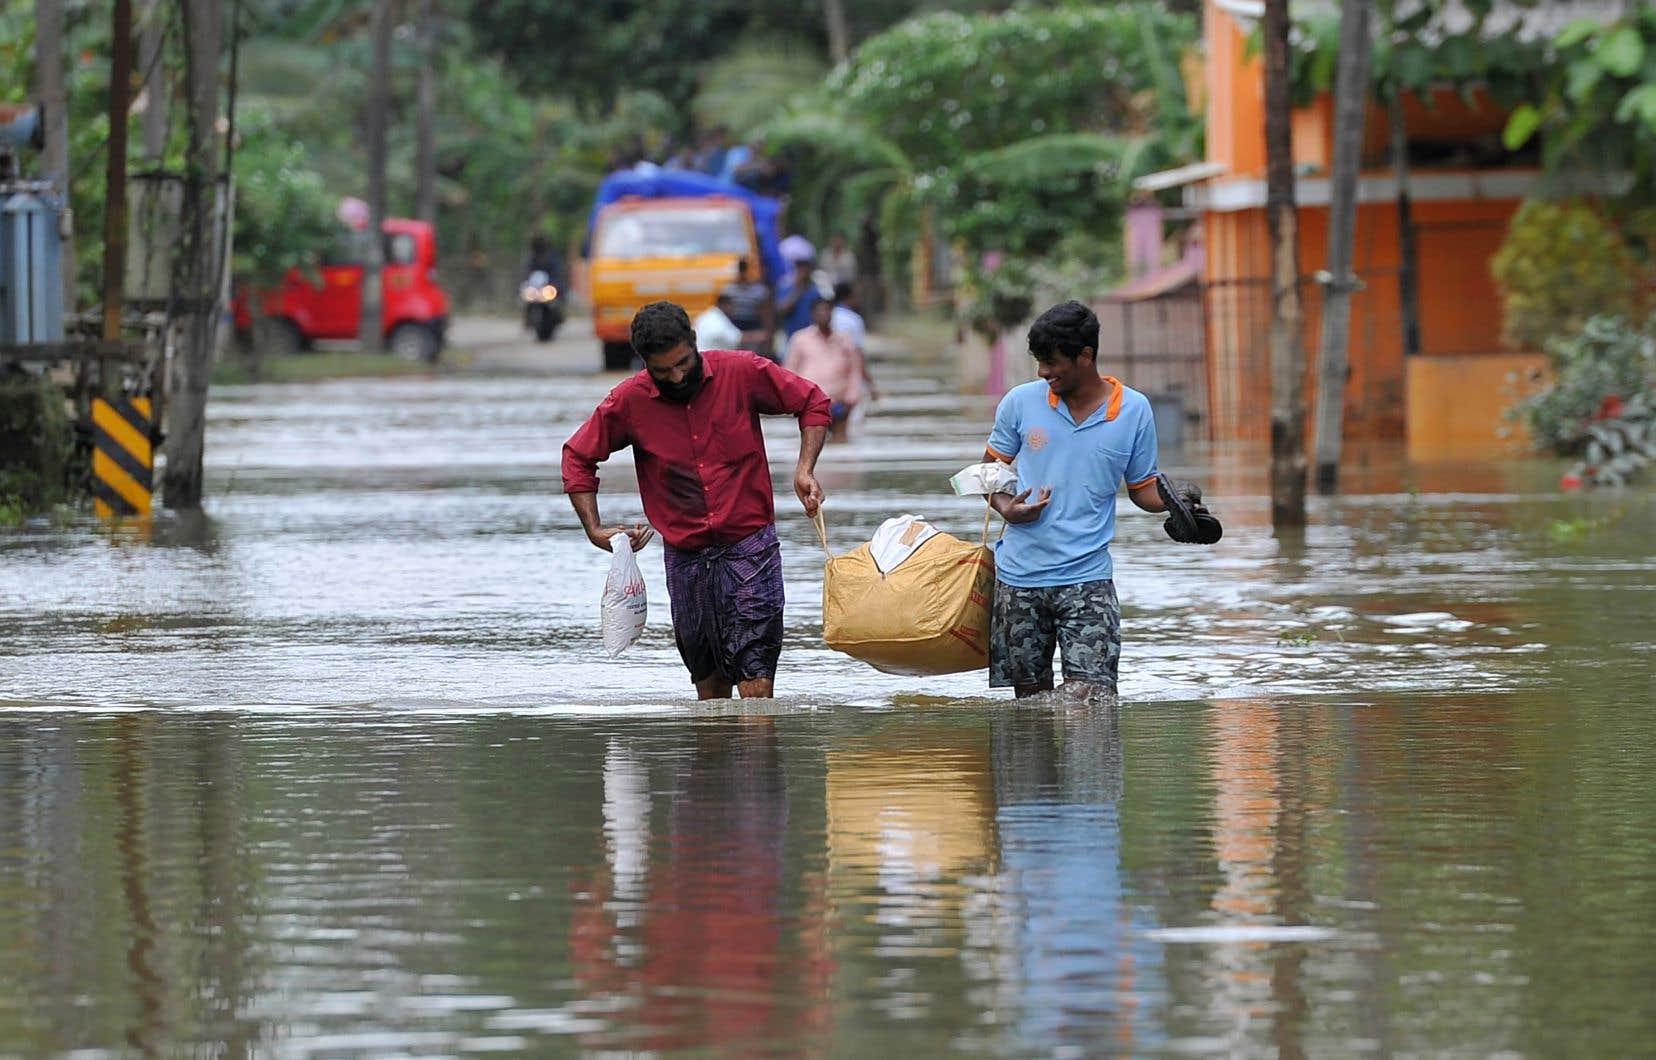 À Pandanad, dans l'un des districts les plus touchés du Kerala, l'eau potable et les vêtements secs manquent cruellement.